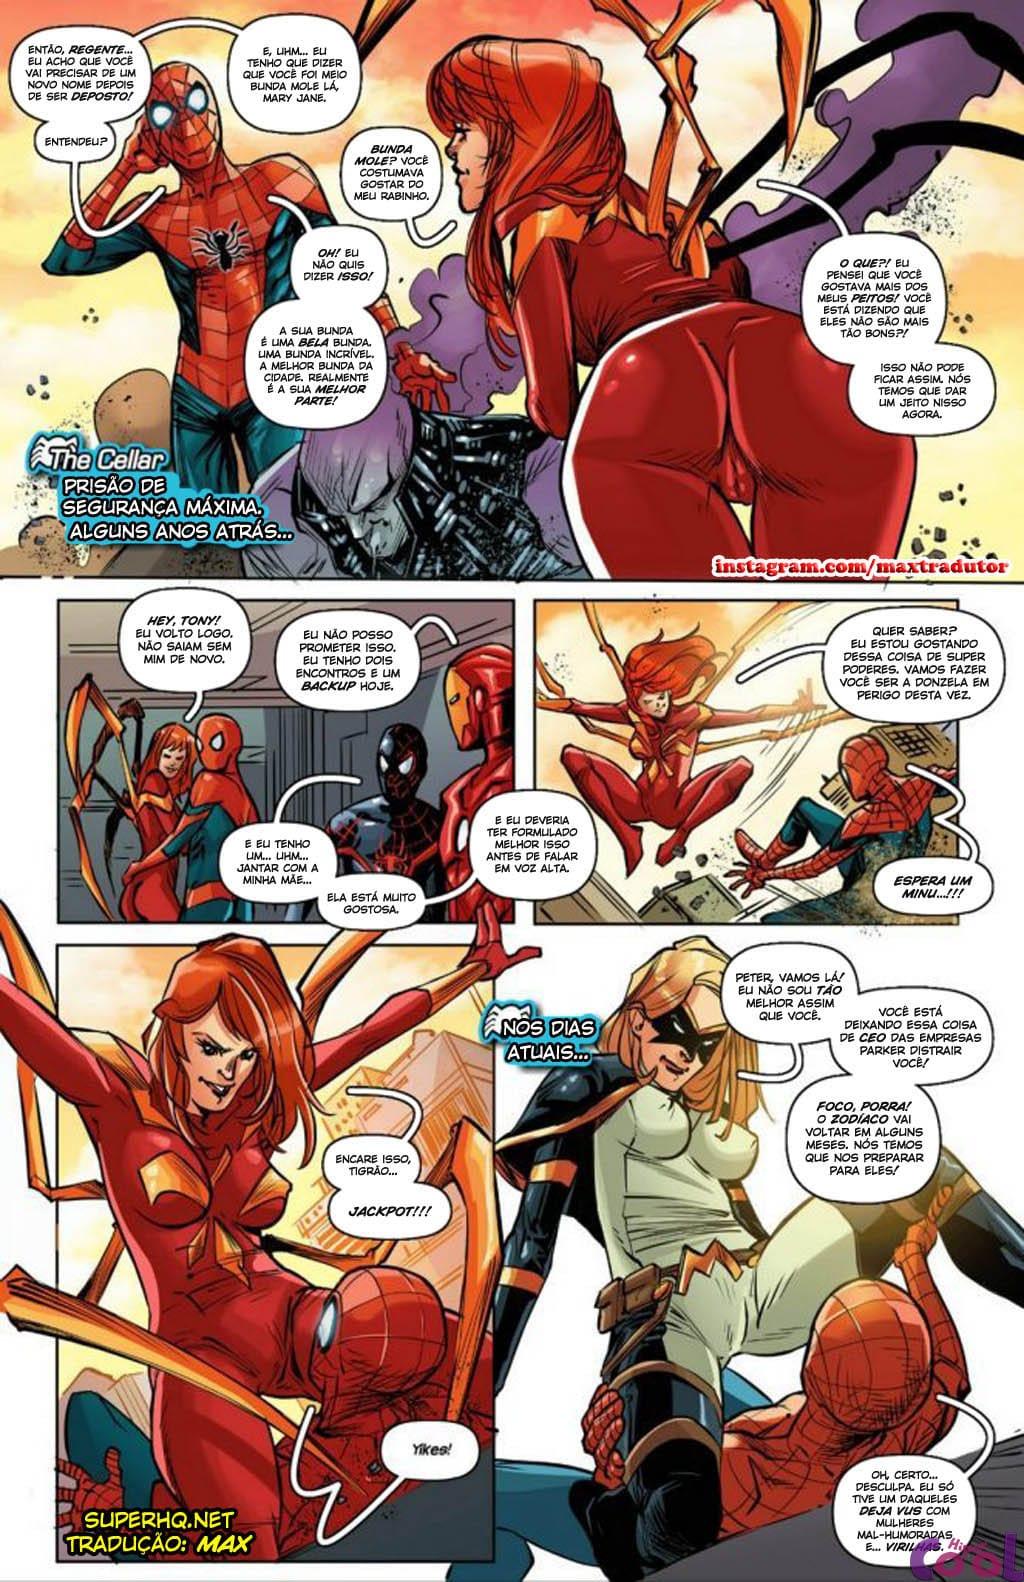 Homem-Aranha-fode-todas-as-gostosas-2